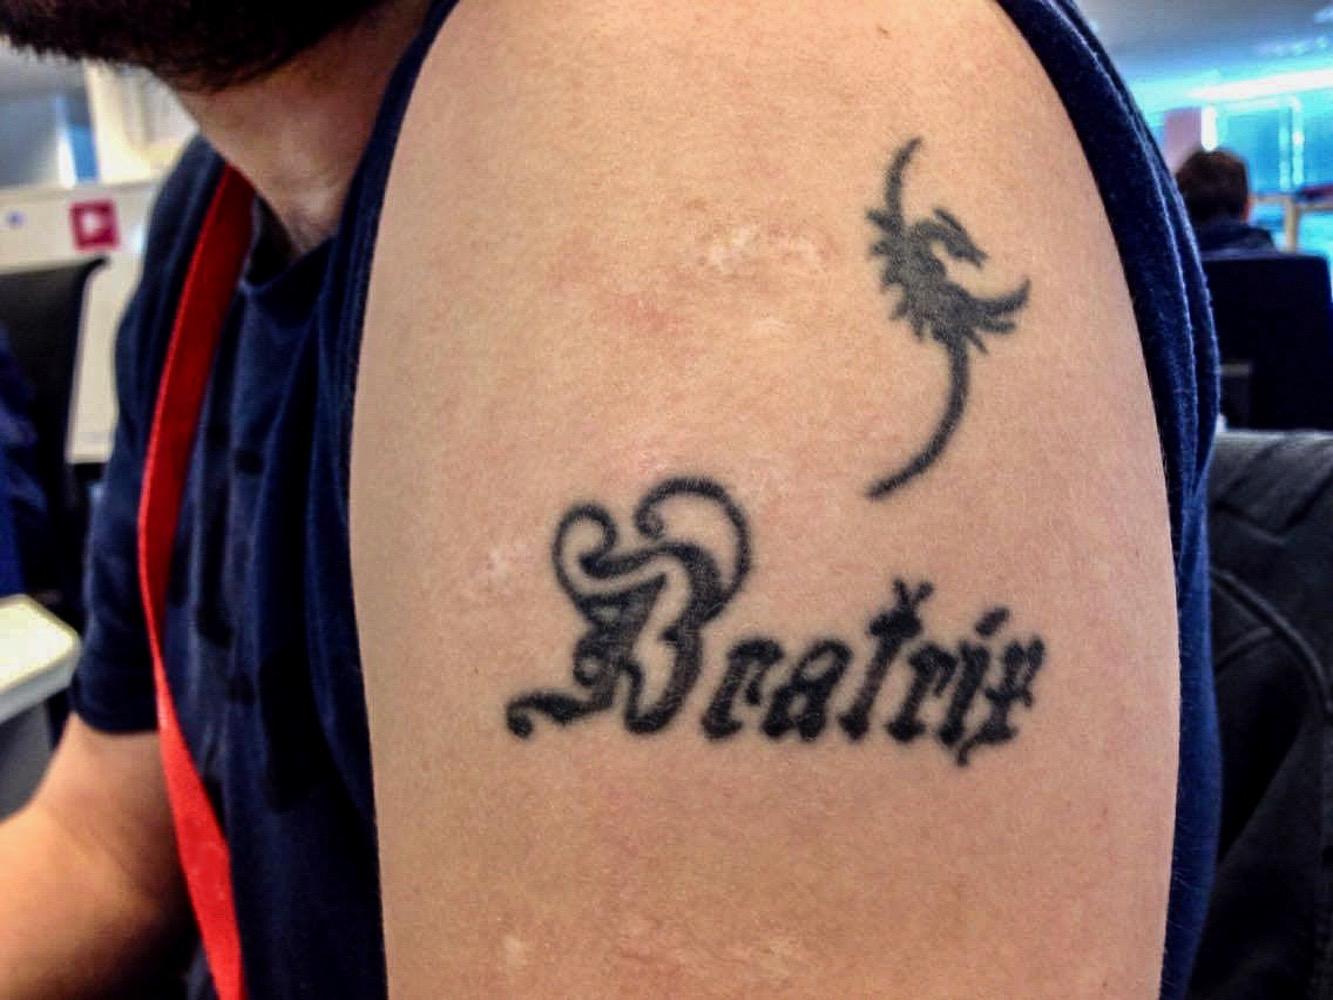 Tatuaże Z Miłości Spytaliśmy Ludzi Czy żałują Dziar Po